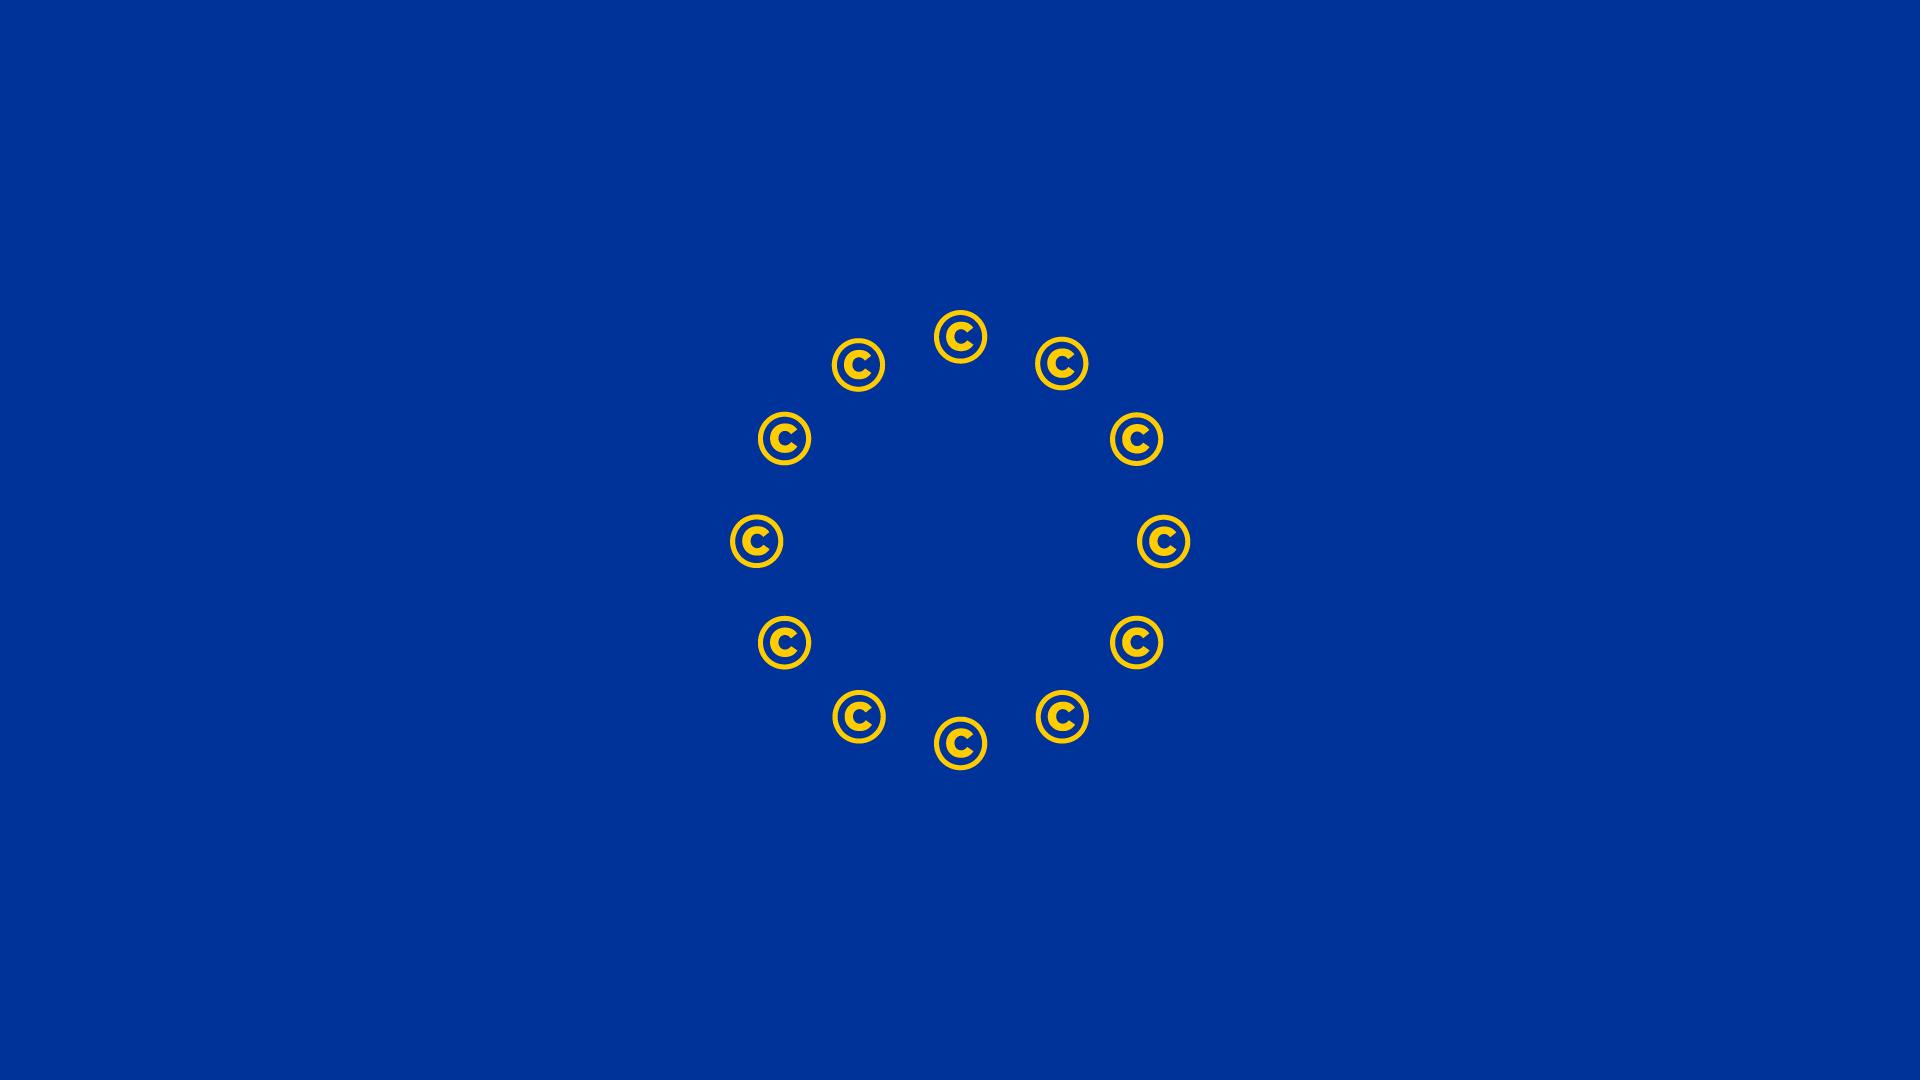 eu-copyright - Origen Desconocido